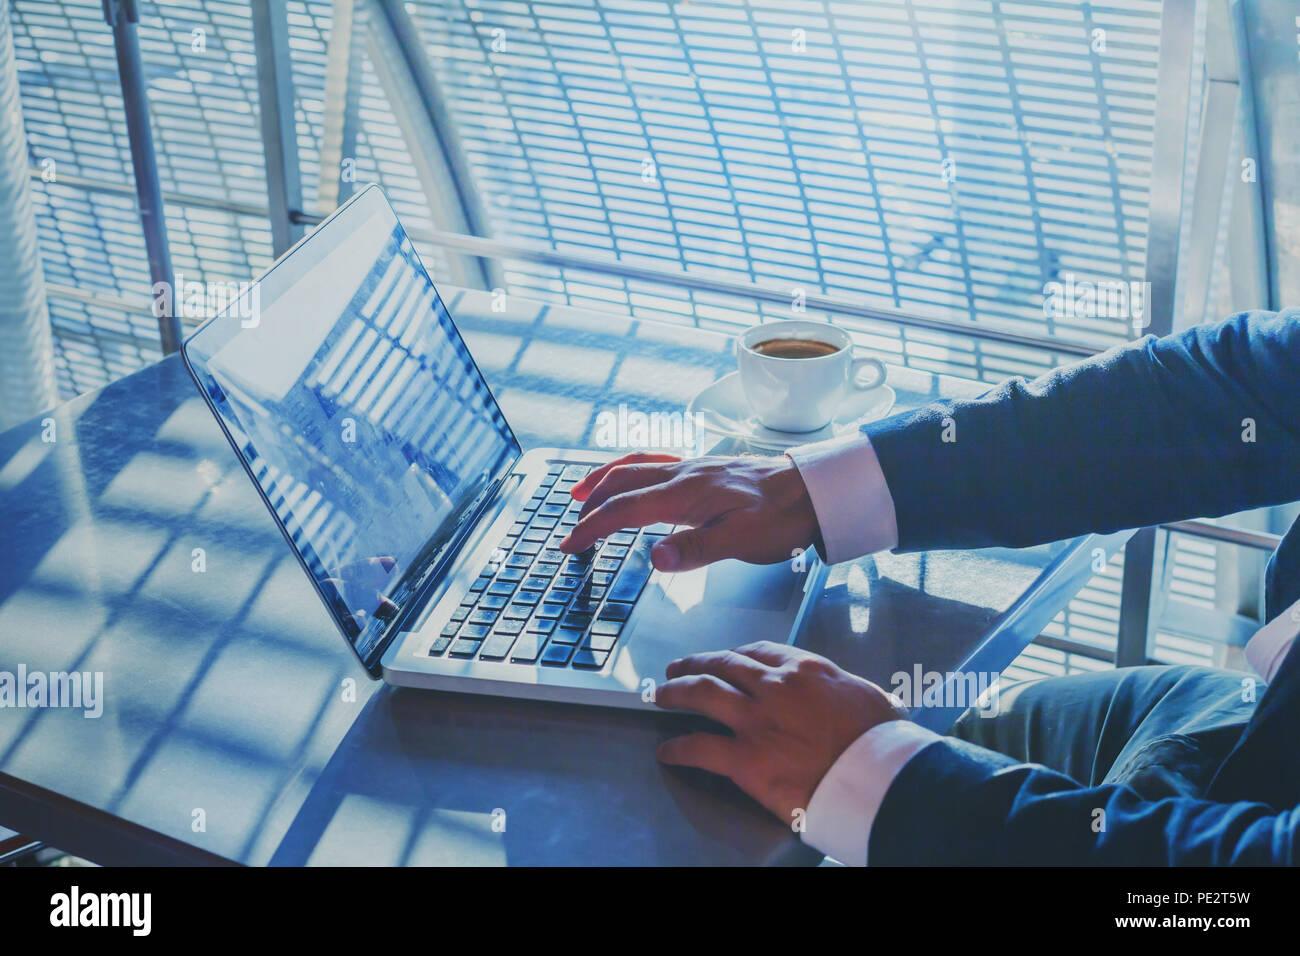 Istituti bancari o lo shopping online, e-commerce concetto, primo piano delle mani di imprenditore lavora su computer, scrivendo un'e-mail per i clienti, uomo d affari executive Immagini Stock